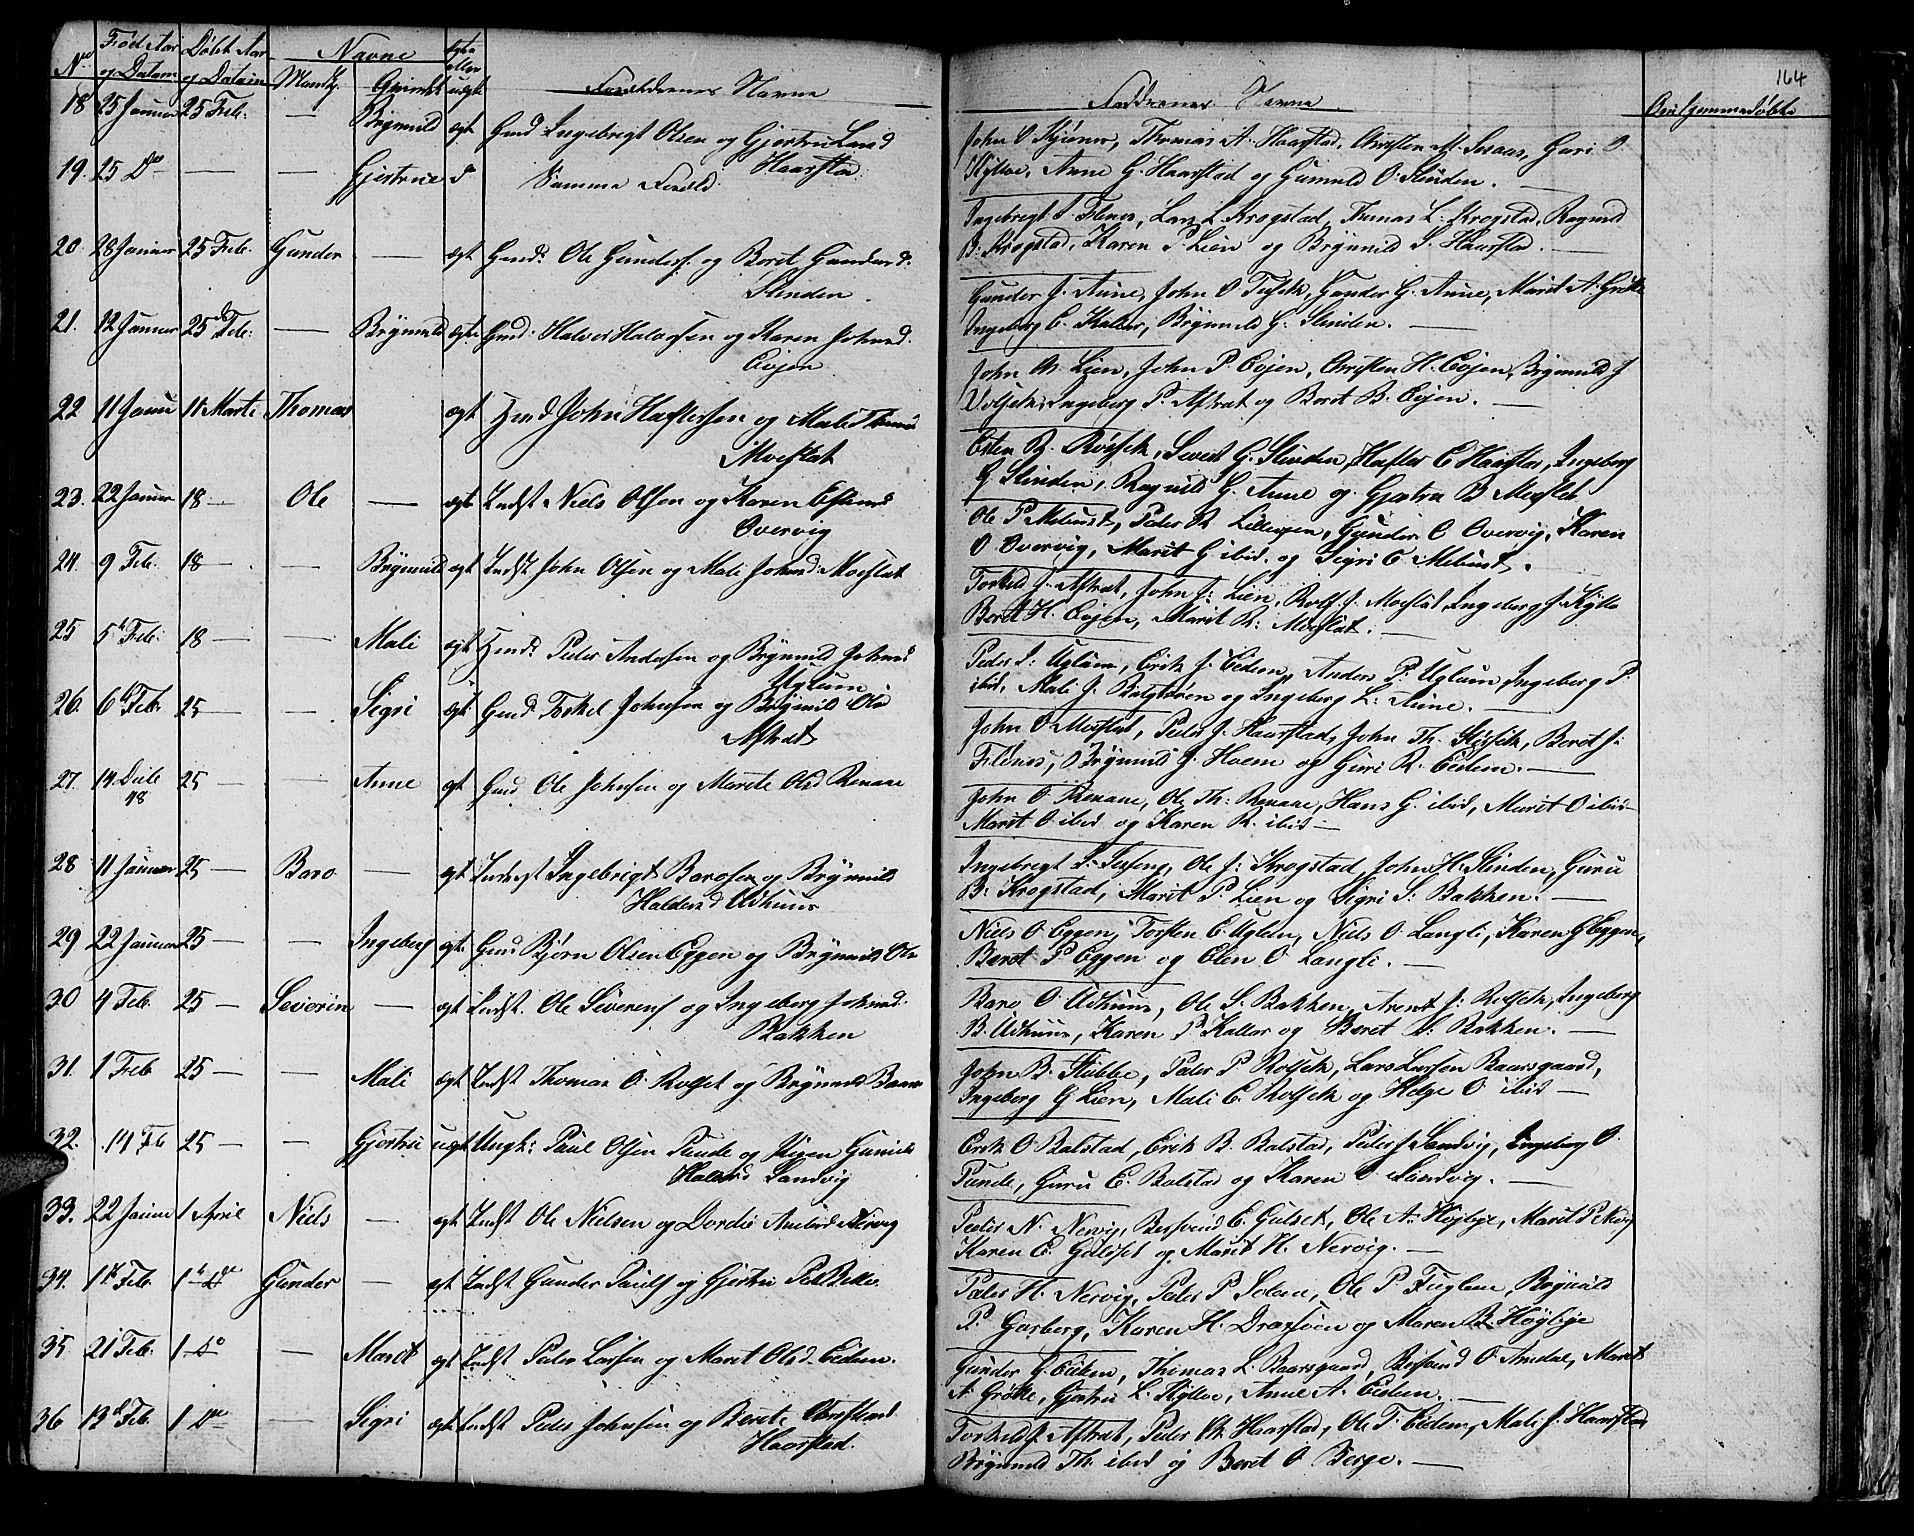 SAT, Ministerialprotokoller, klokkerbøker og fødselsregistre - Sør-Trøndelag, 695/L1154: Klokkerbok nr. 695C05, 1842-1858, s. 164